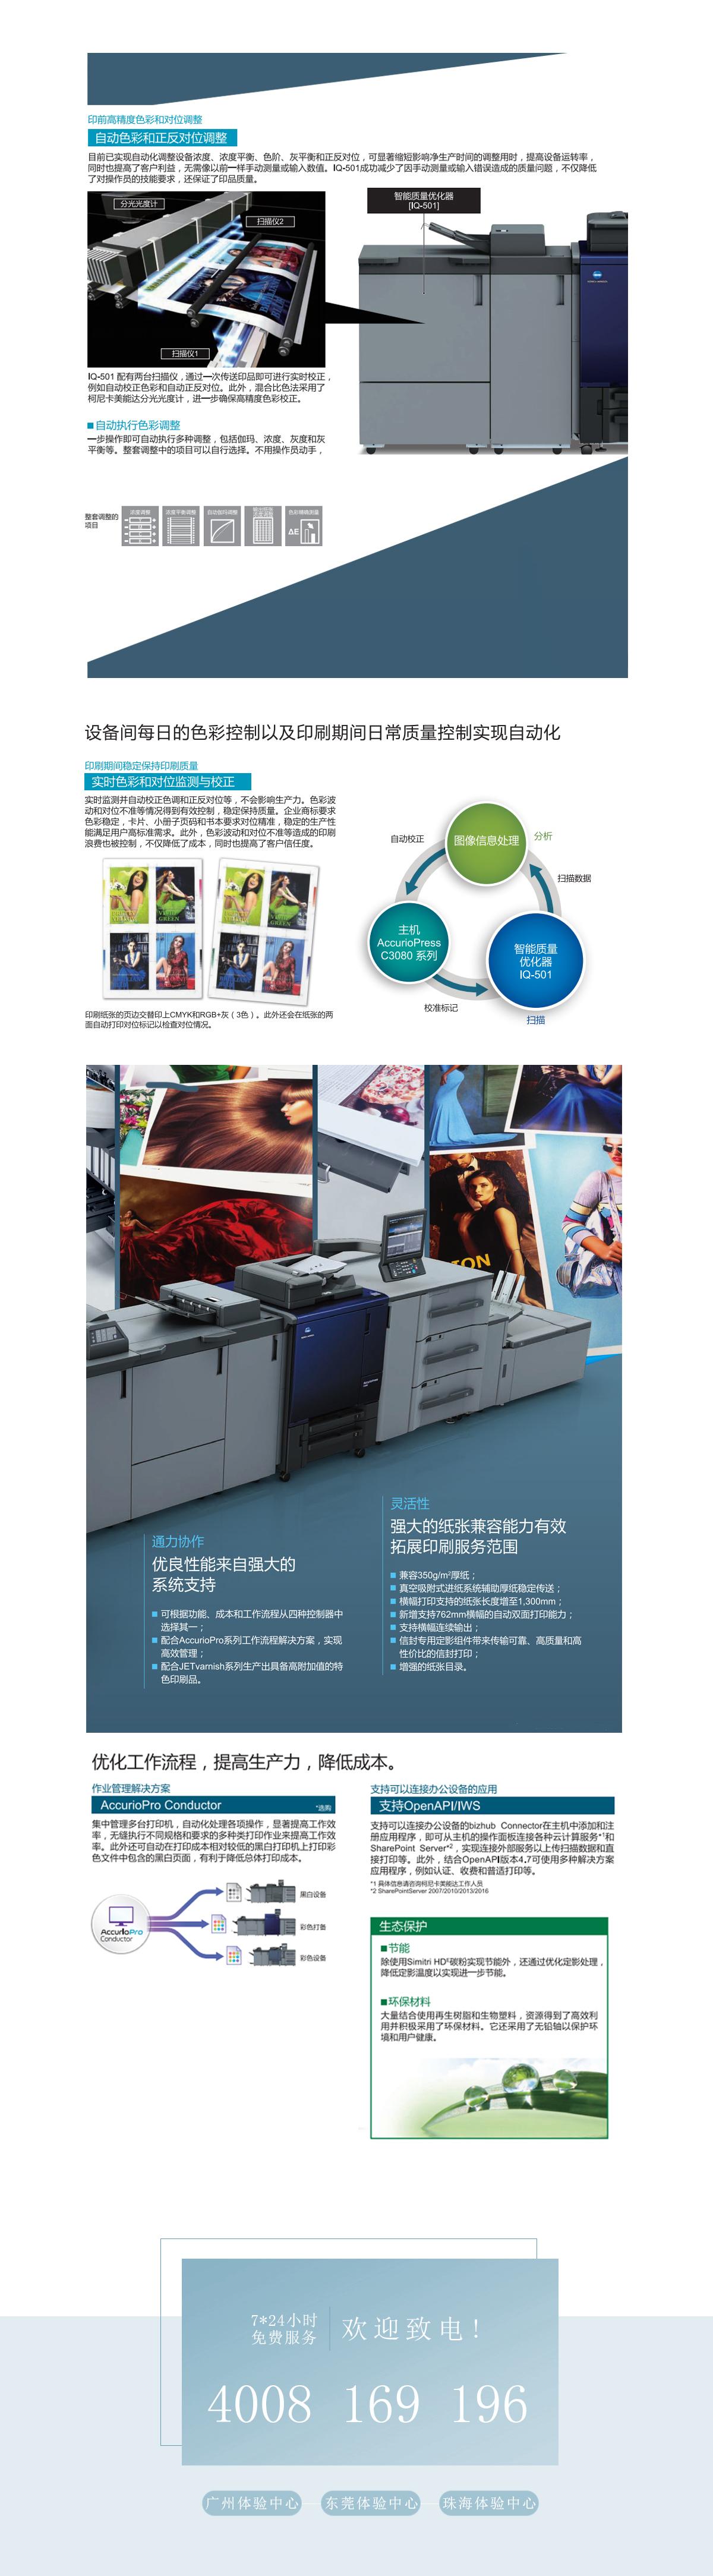 (全新机)C3070L 柯尼卡美能达复合机A3A4彩色激光网络打印扫描一体机(打印/复印/网络扫描)(图3)